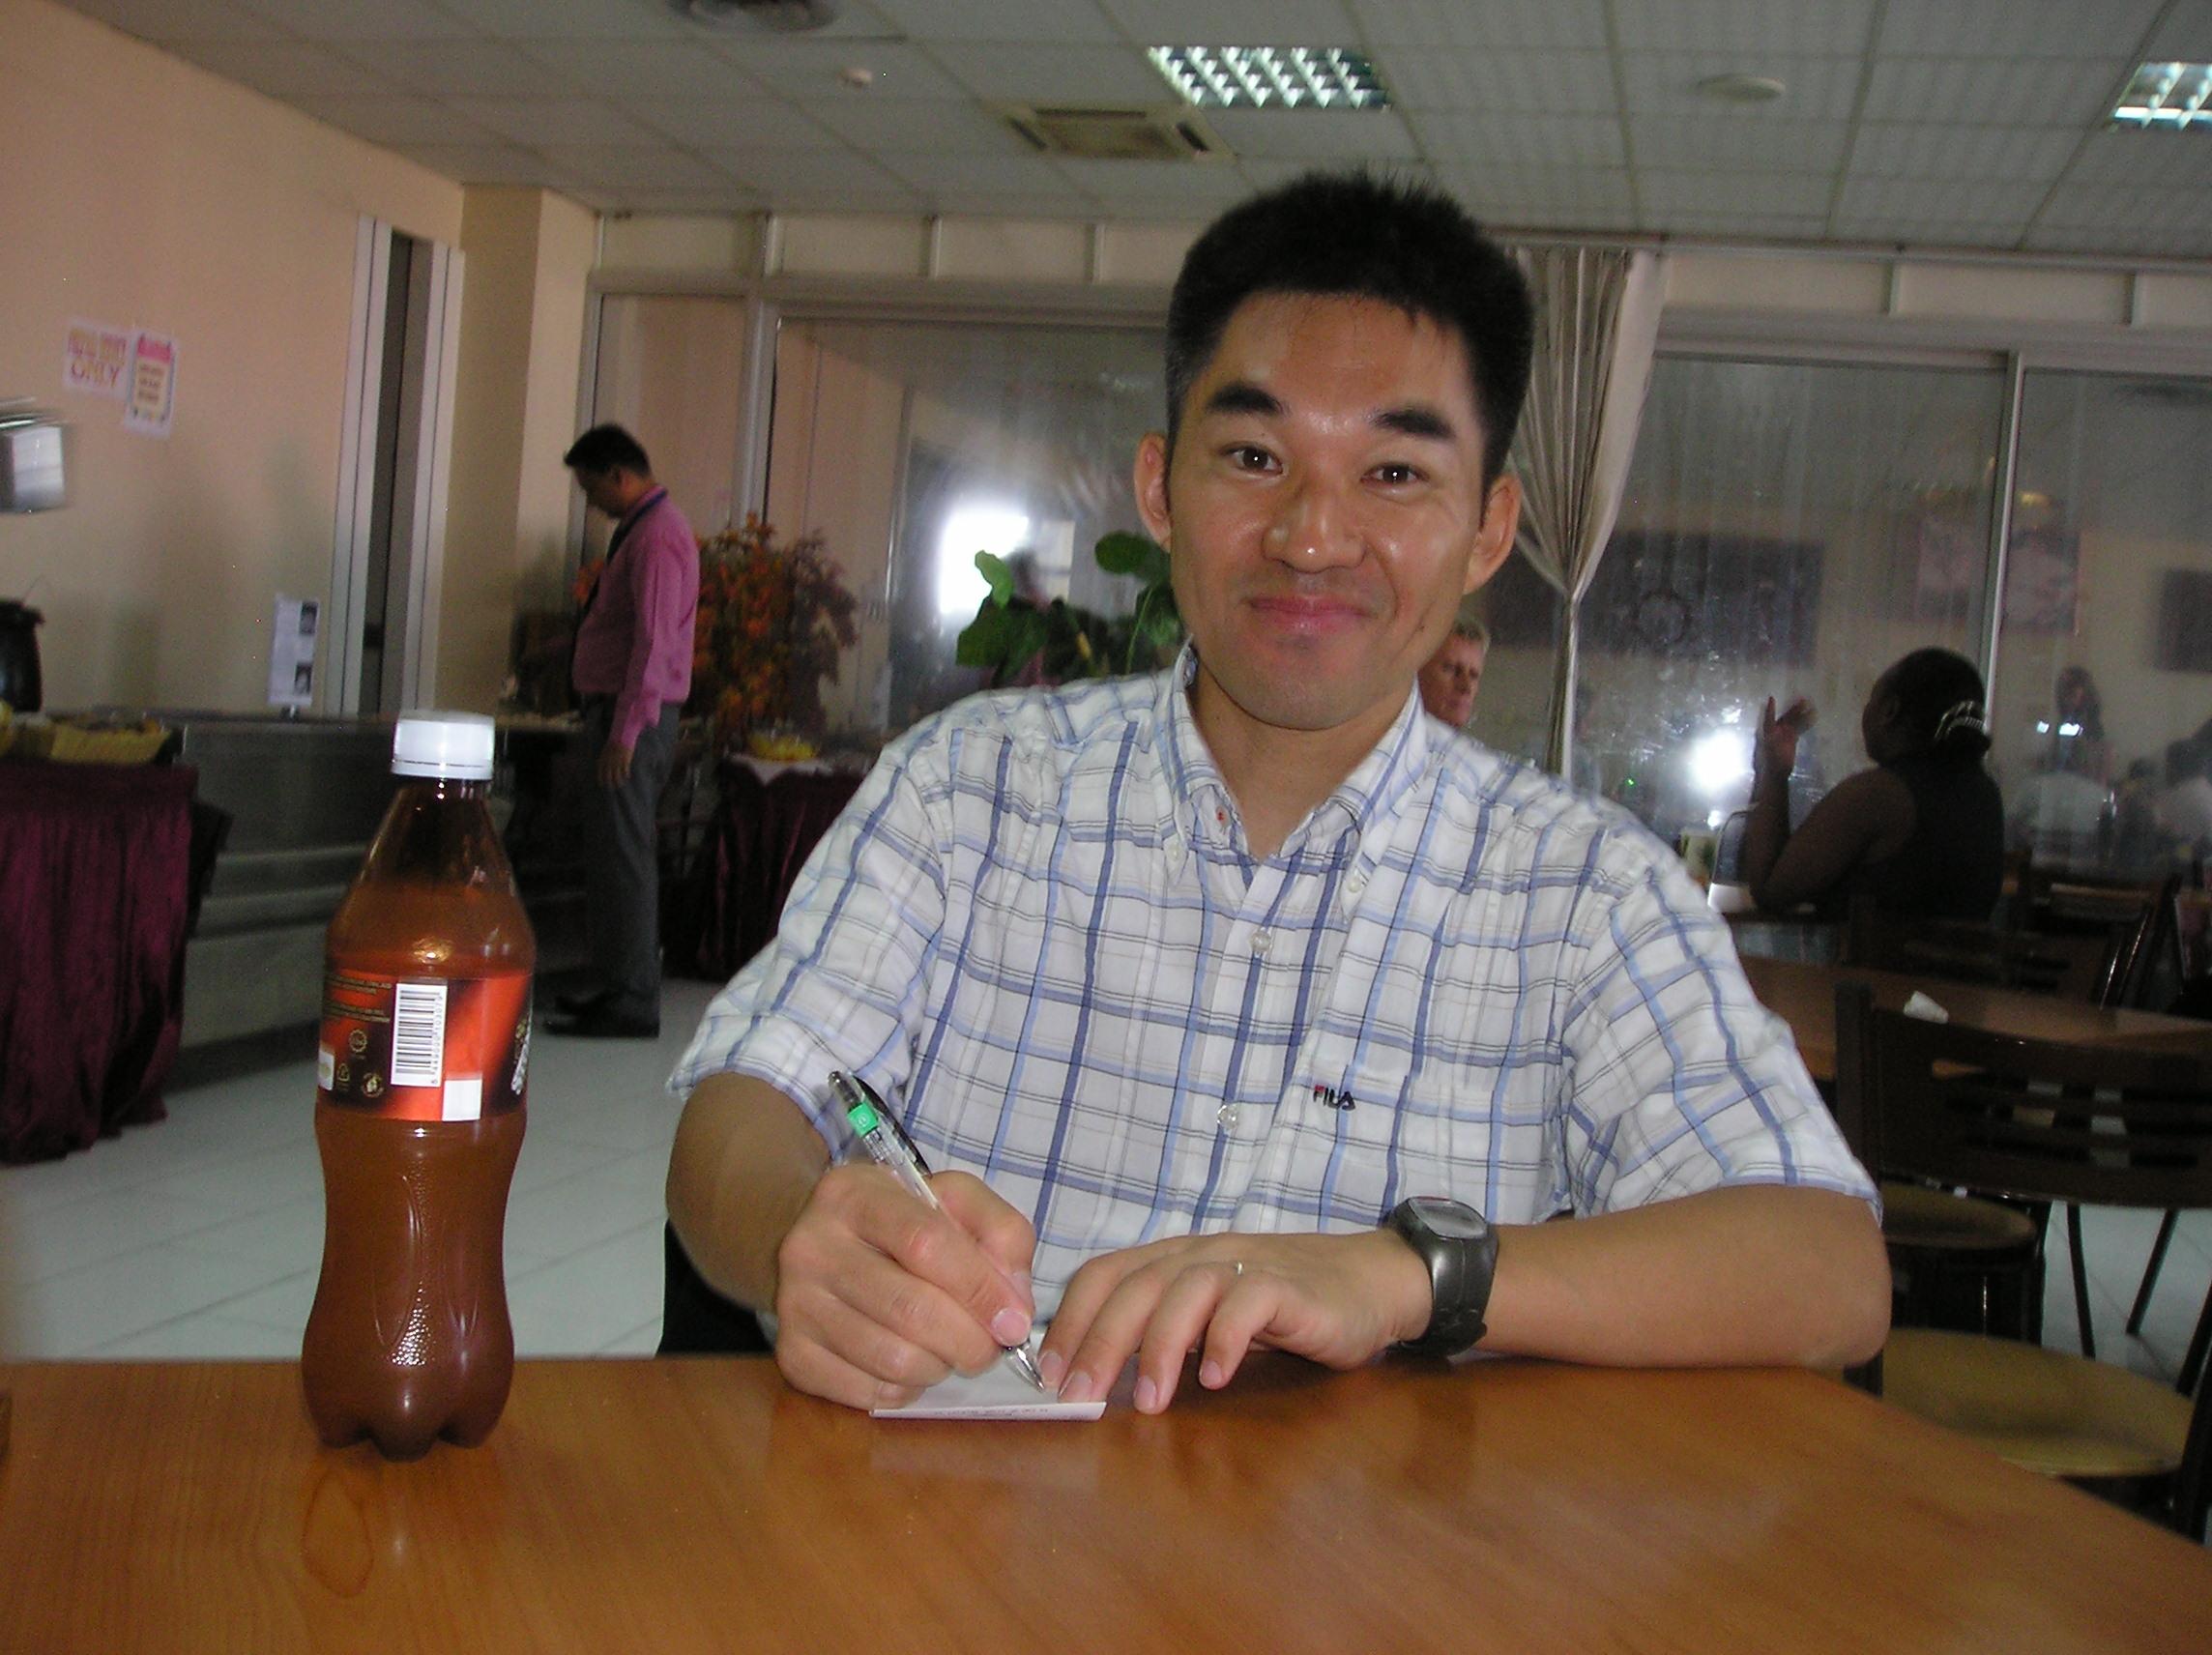 Uchiyama of WestJec